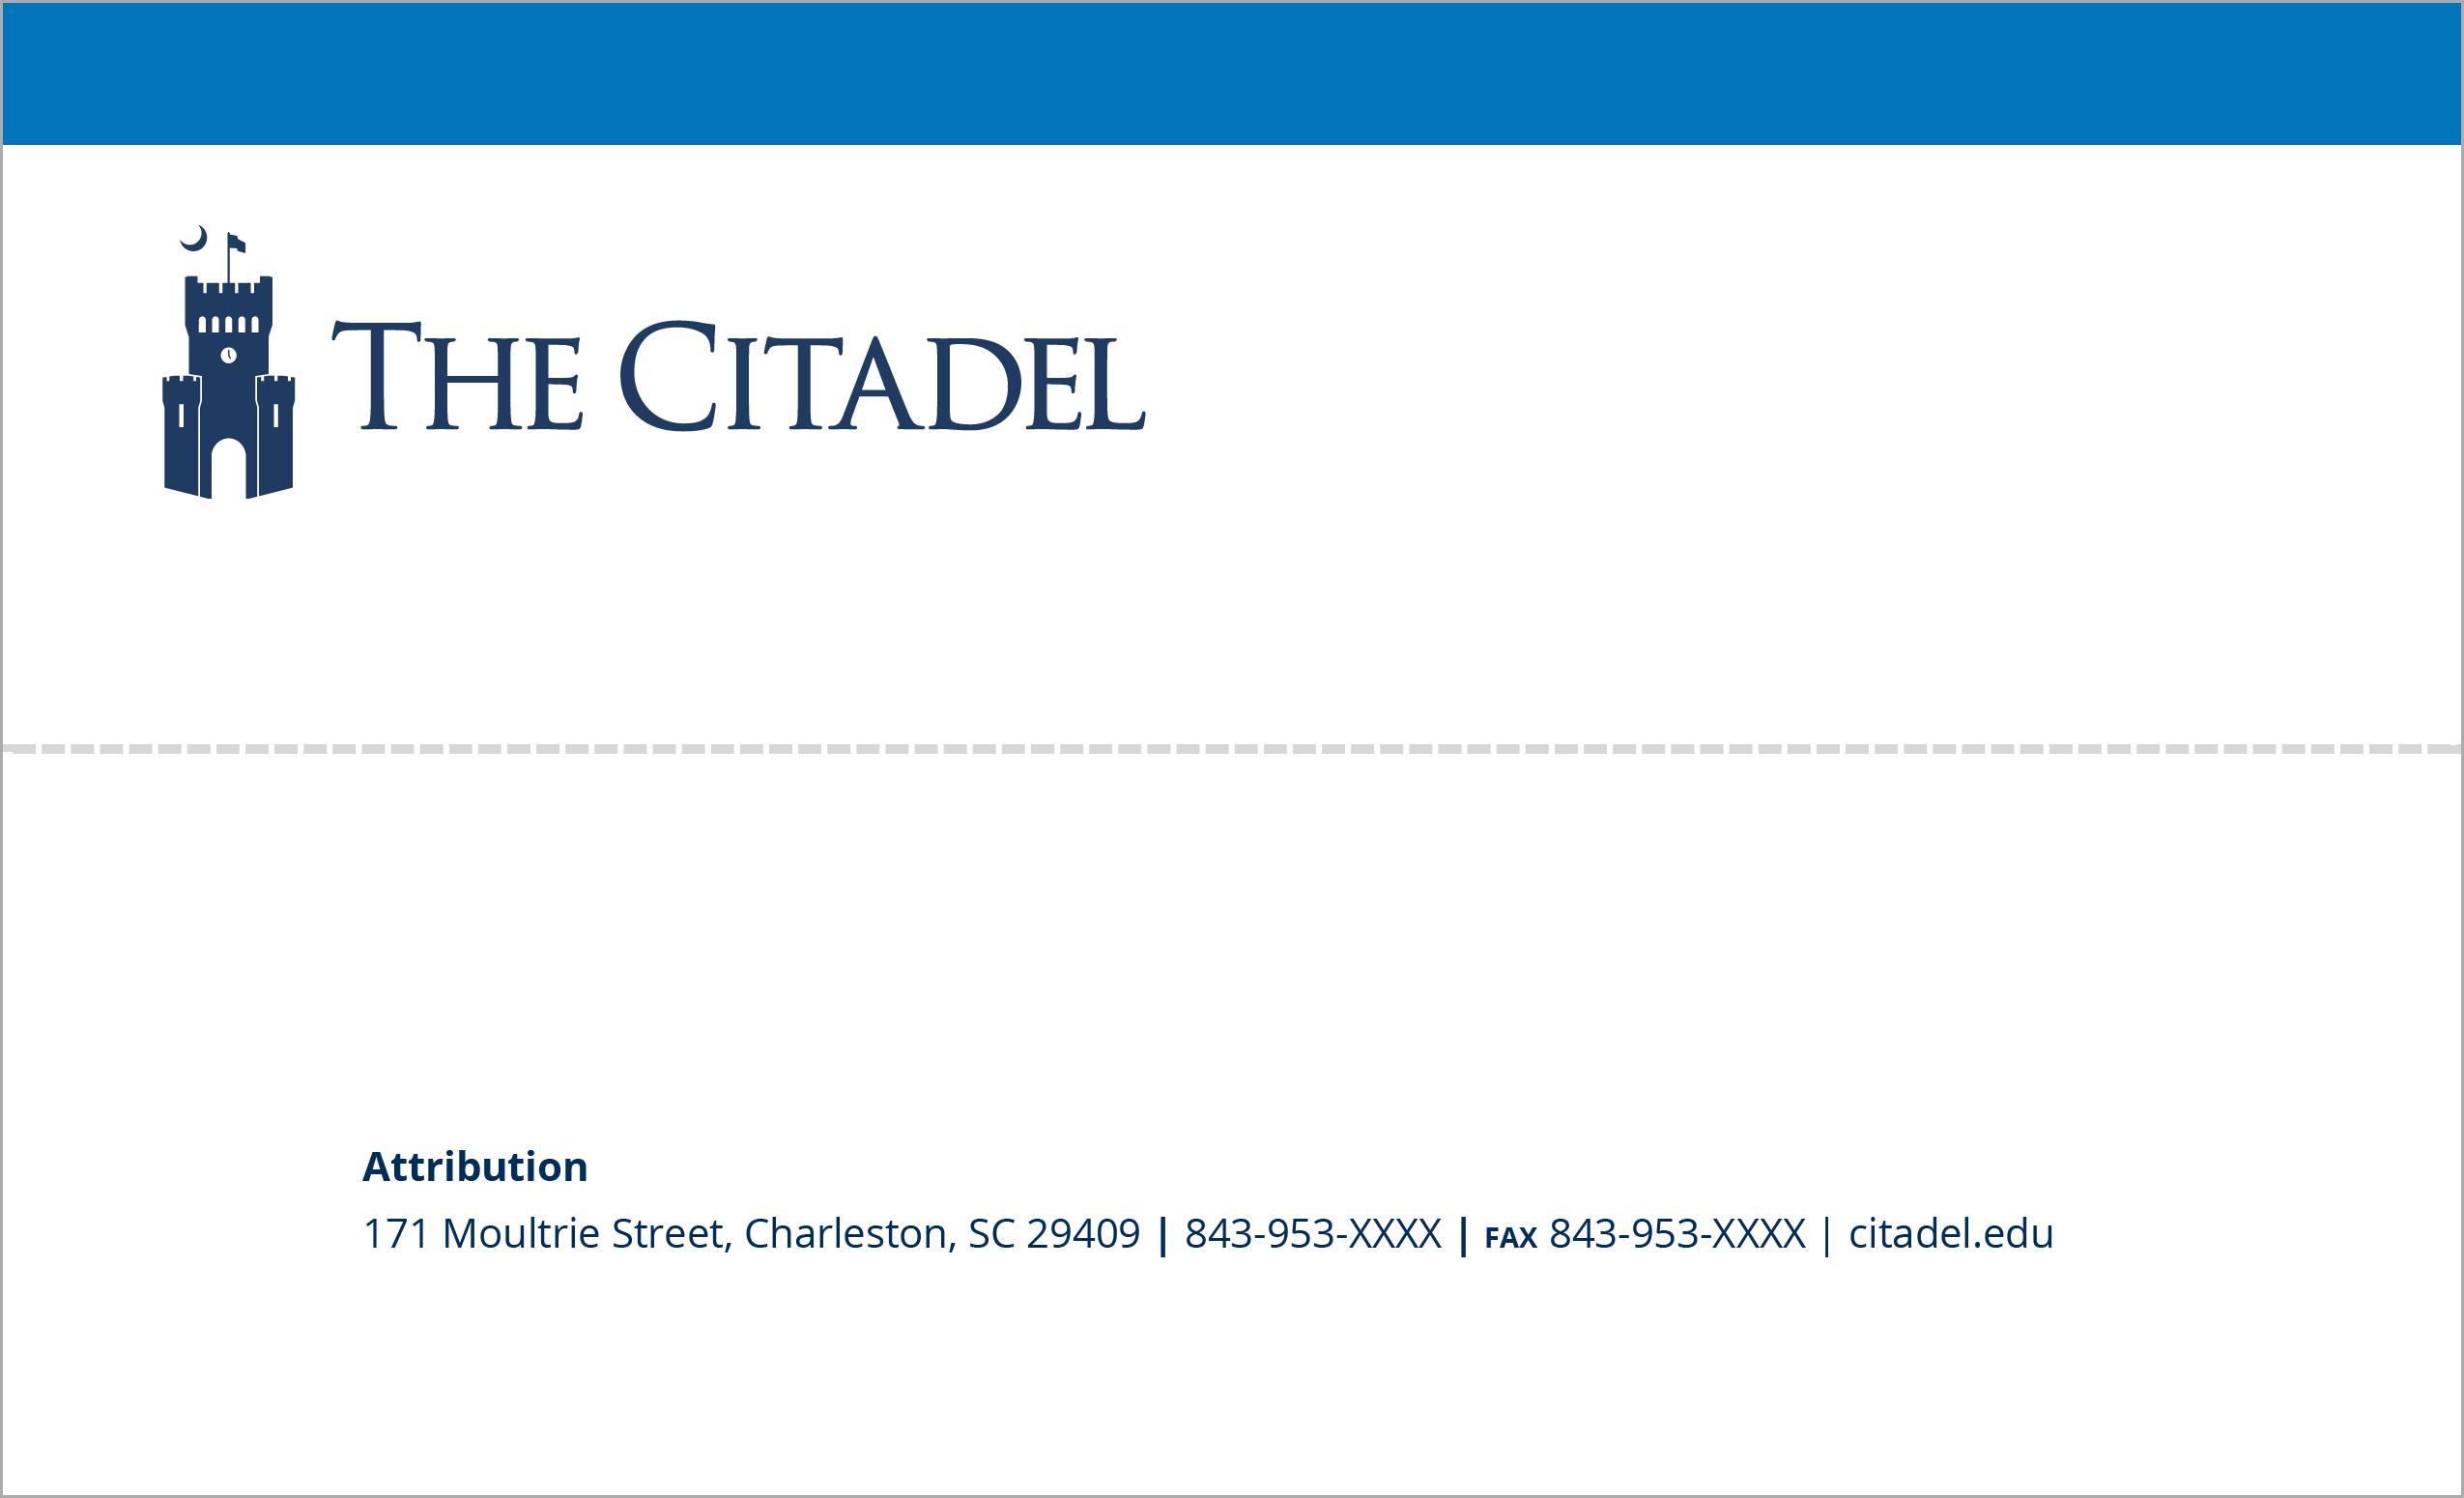 Citadel letterhead template example